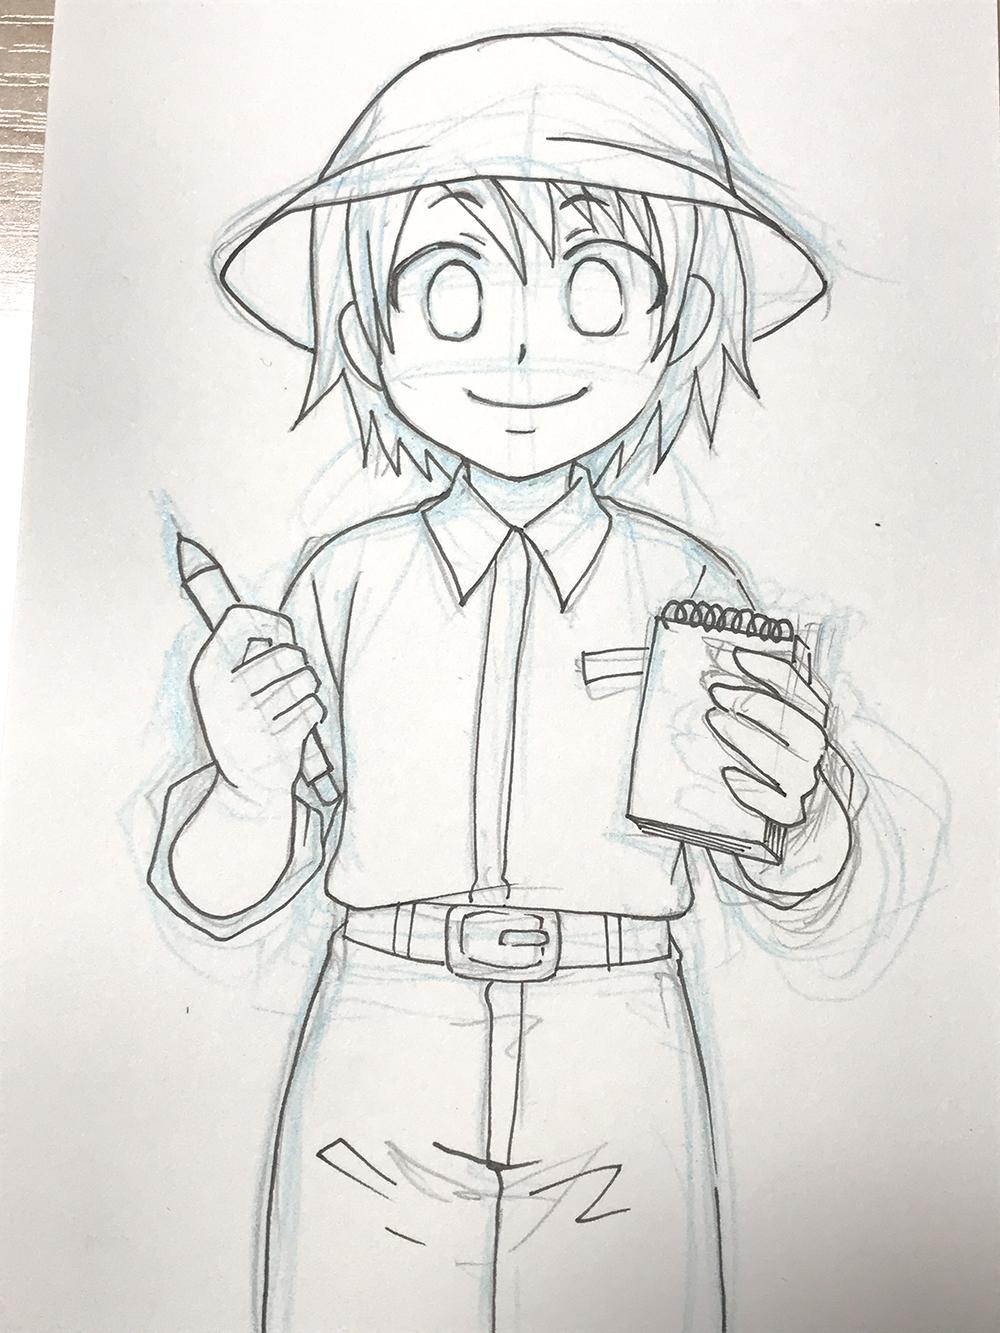 ペン入れで失敗しない線画を上手に描く方法個人的コツをまとめてみた